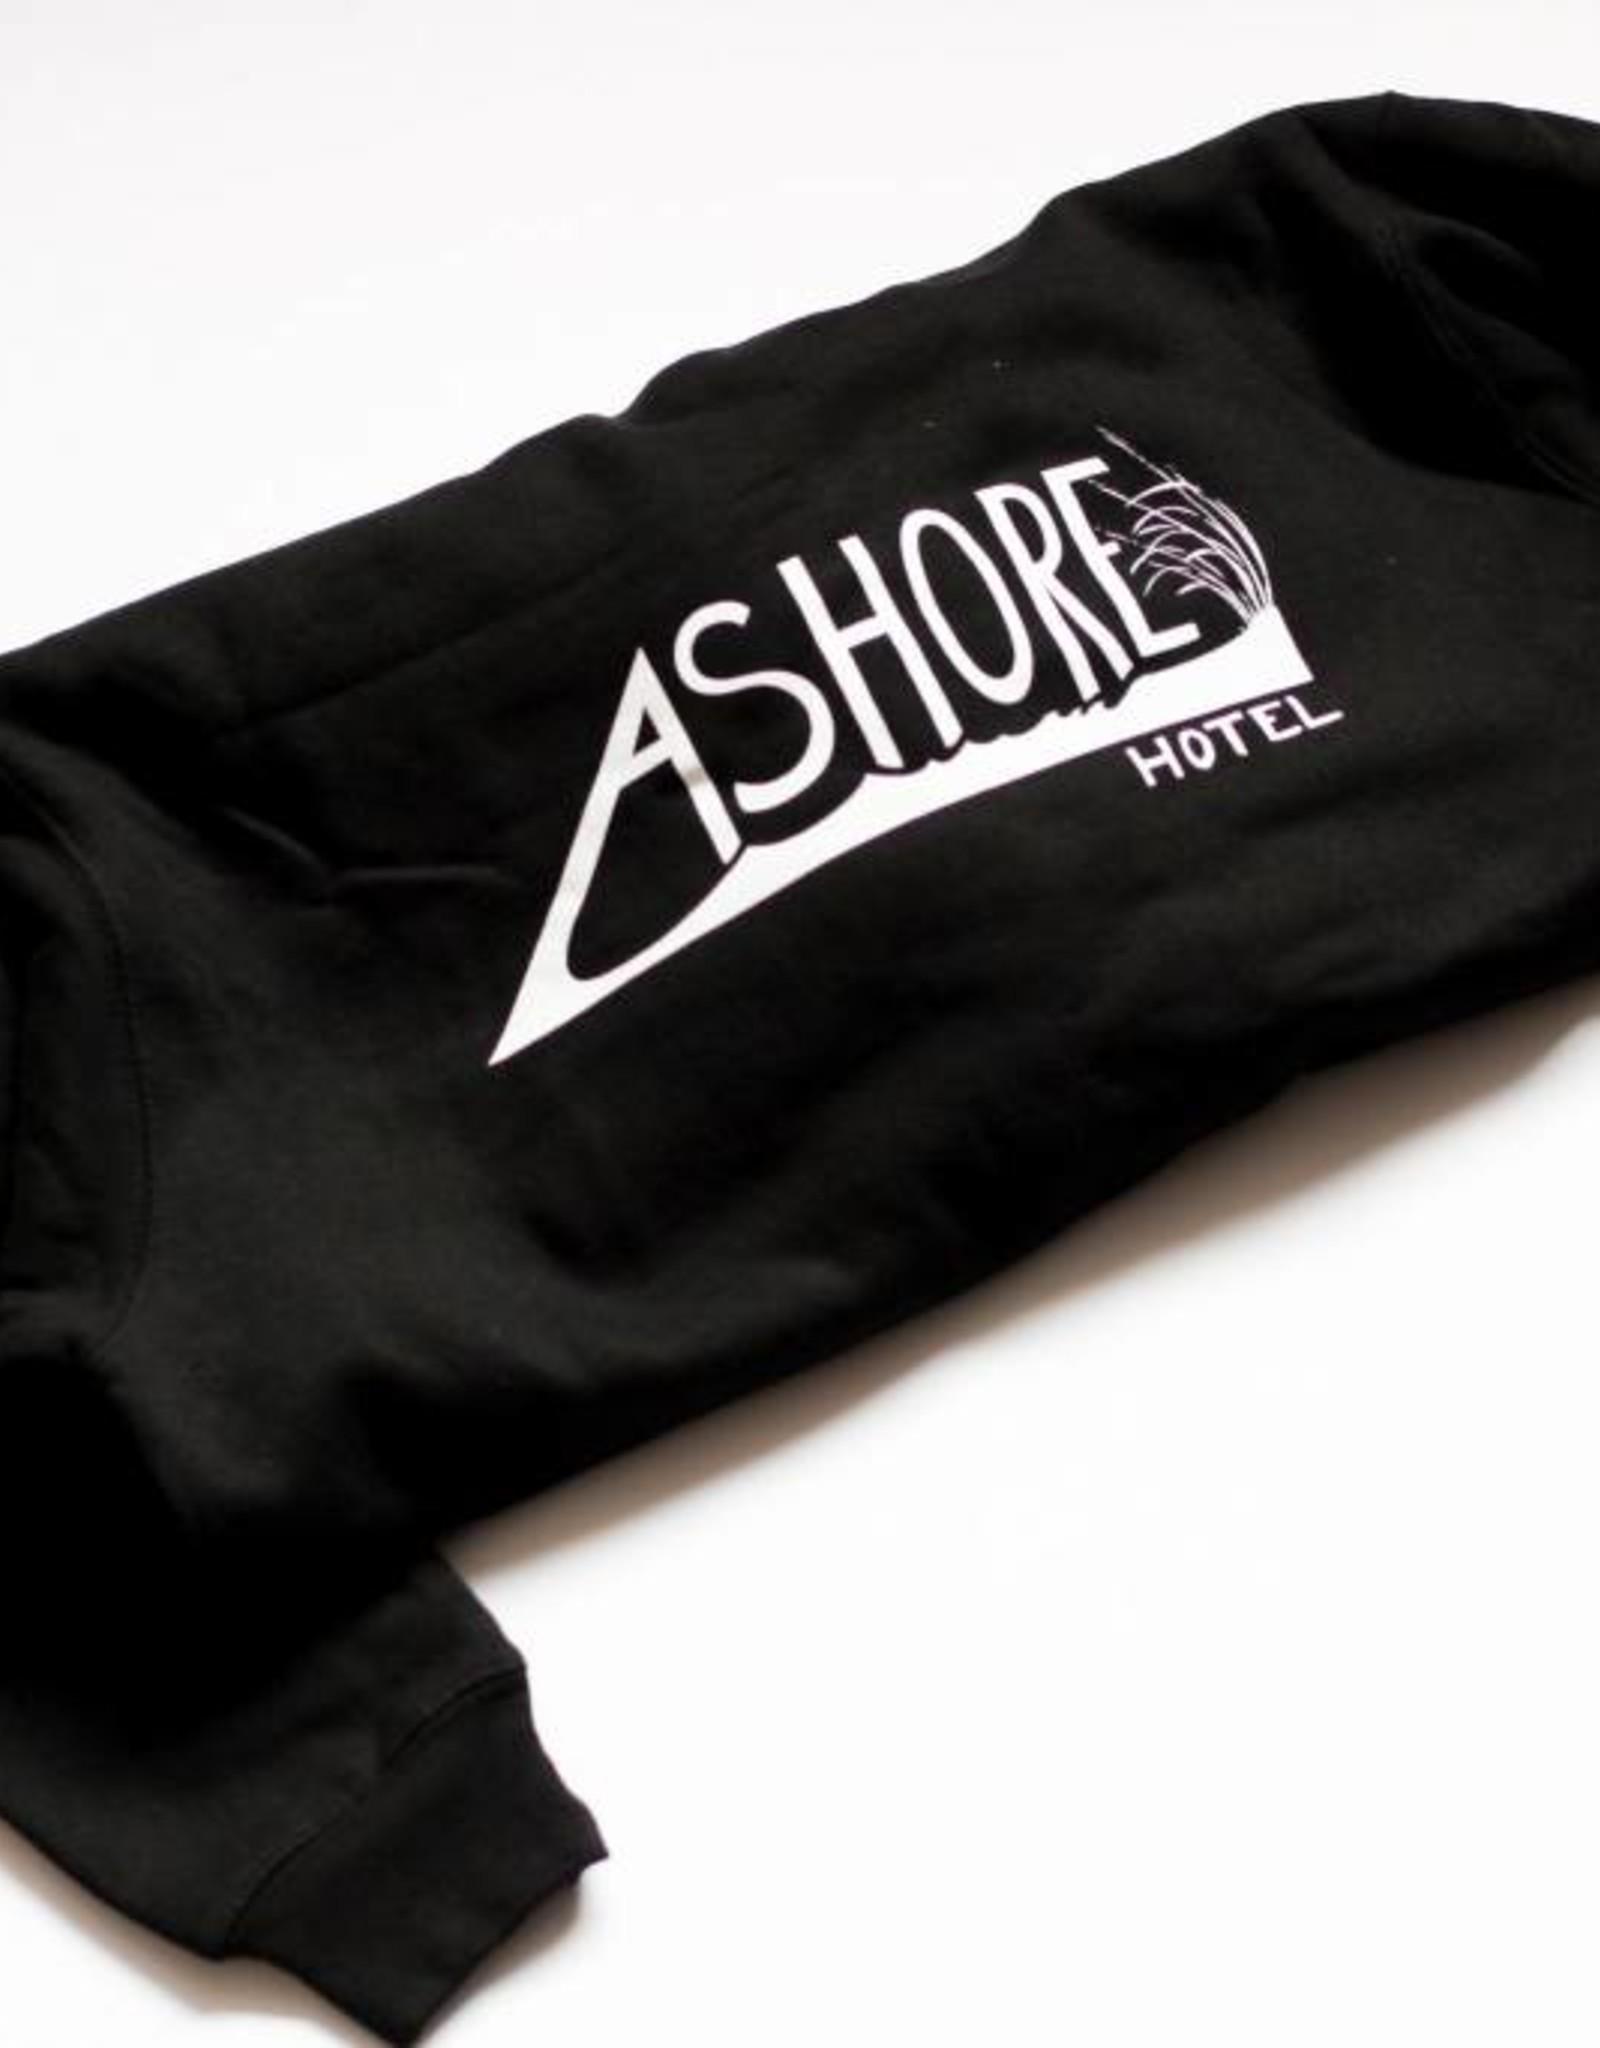 Ashore Hotel Hoodie